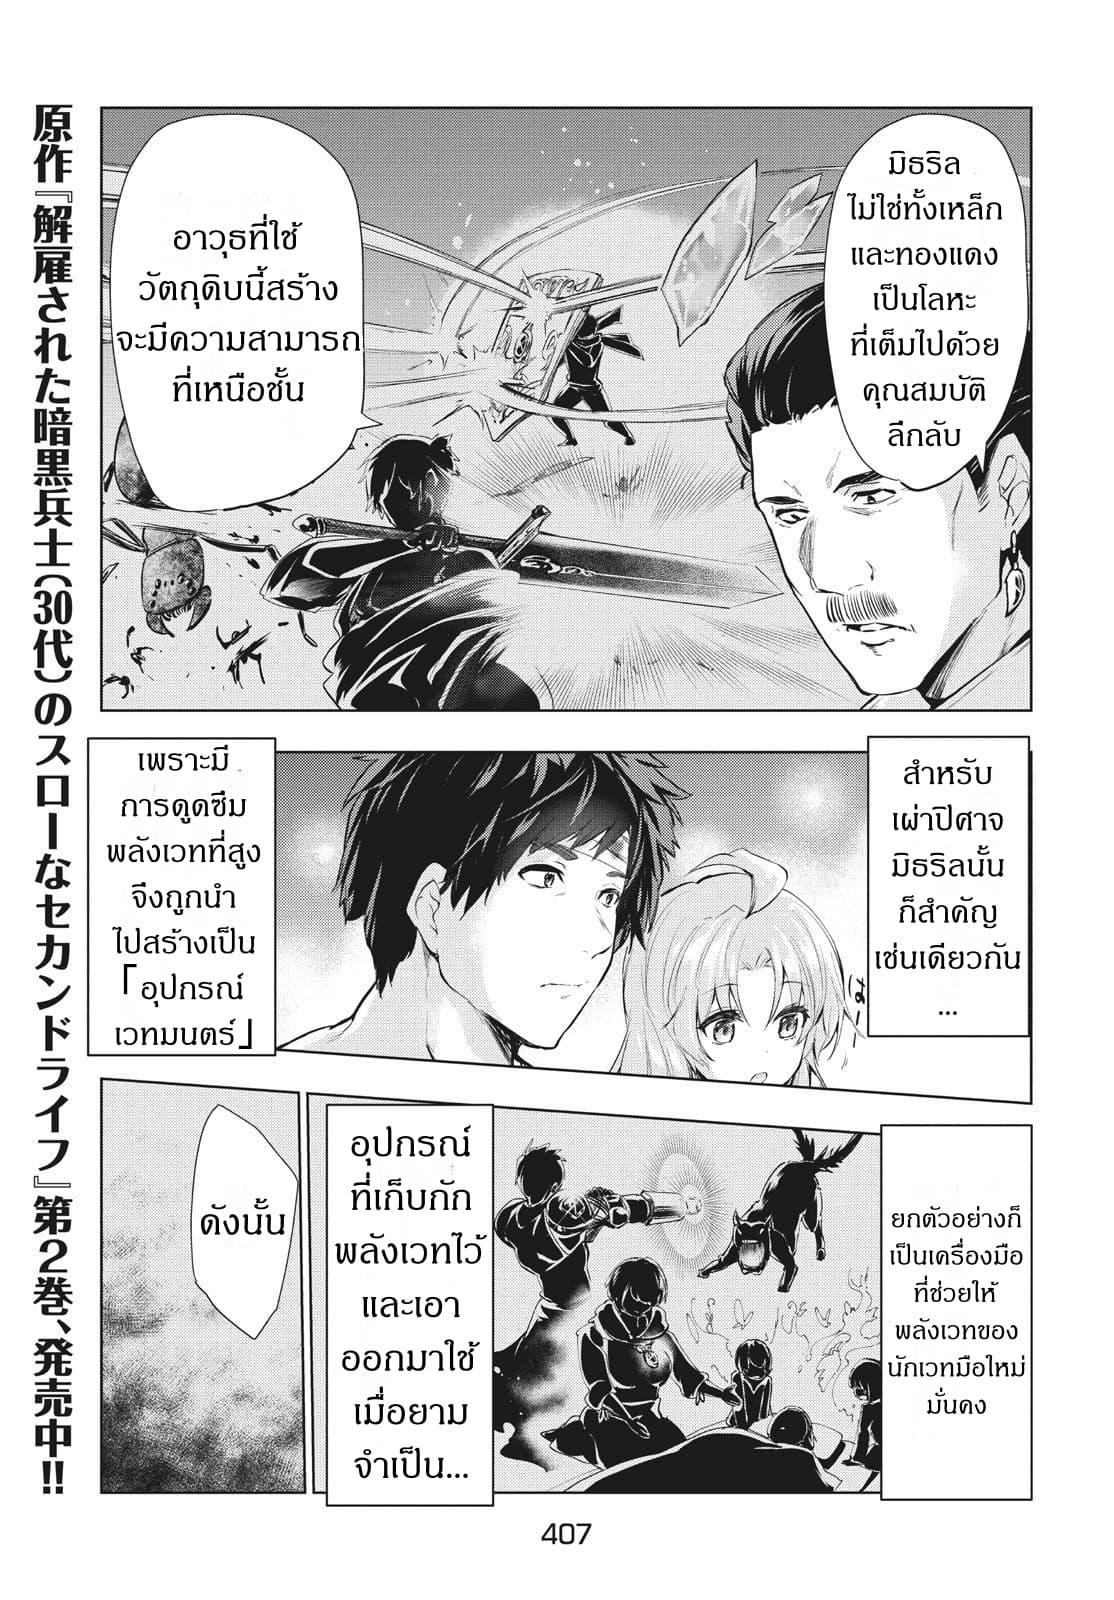 อ่านการ์ตูน Kaiko sareta Ankoku Heishi (30-dai) no Slow na Second ตอนที่ 5.1 หน้าที่ 7